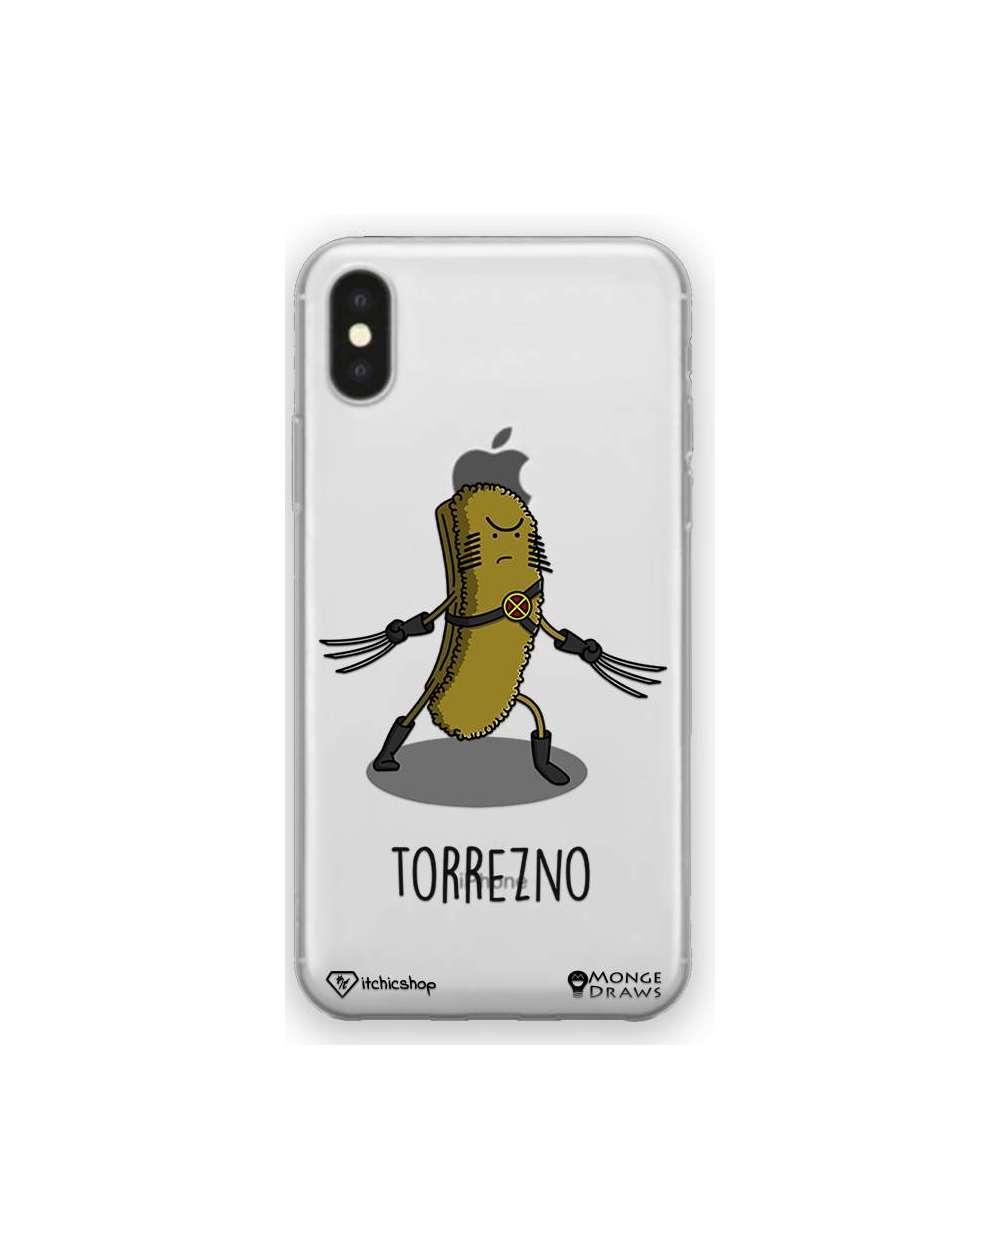 Torrezno